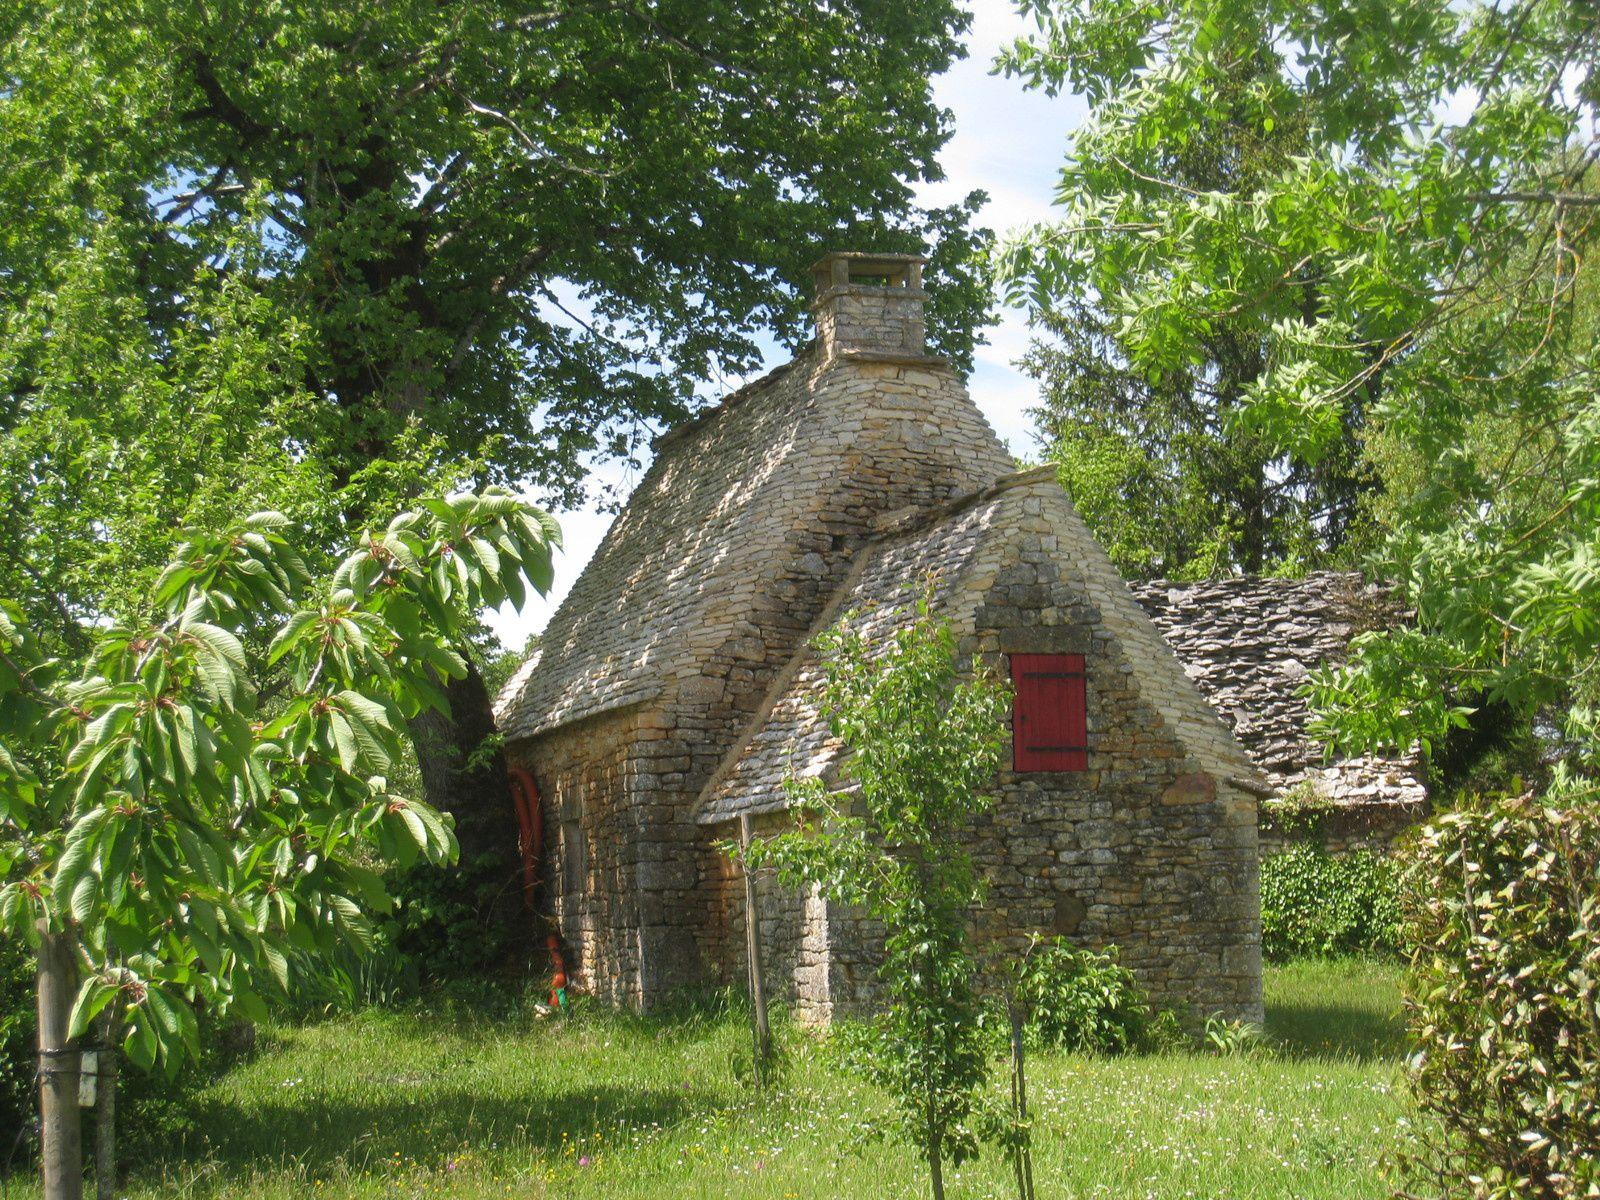 Une cabane avec son toit en lauze, très bien aménagée.